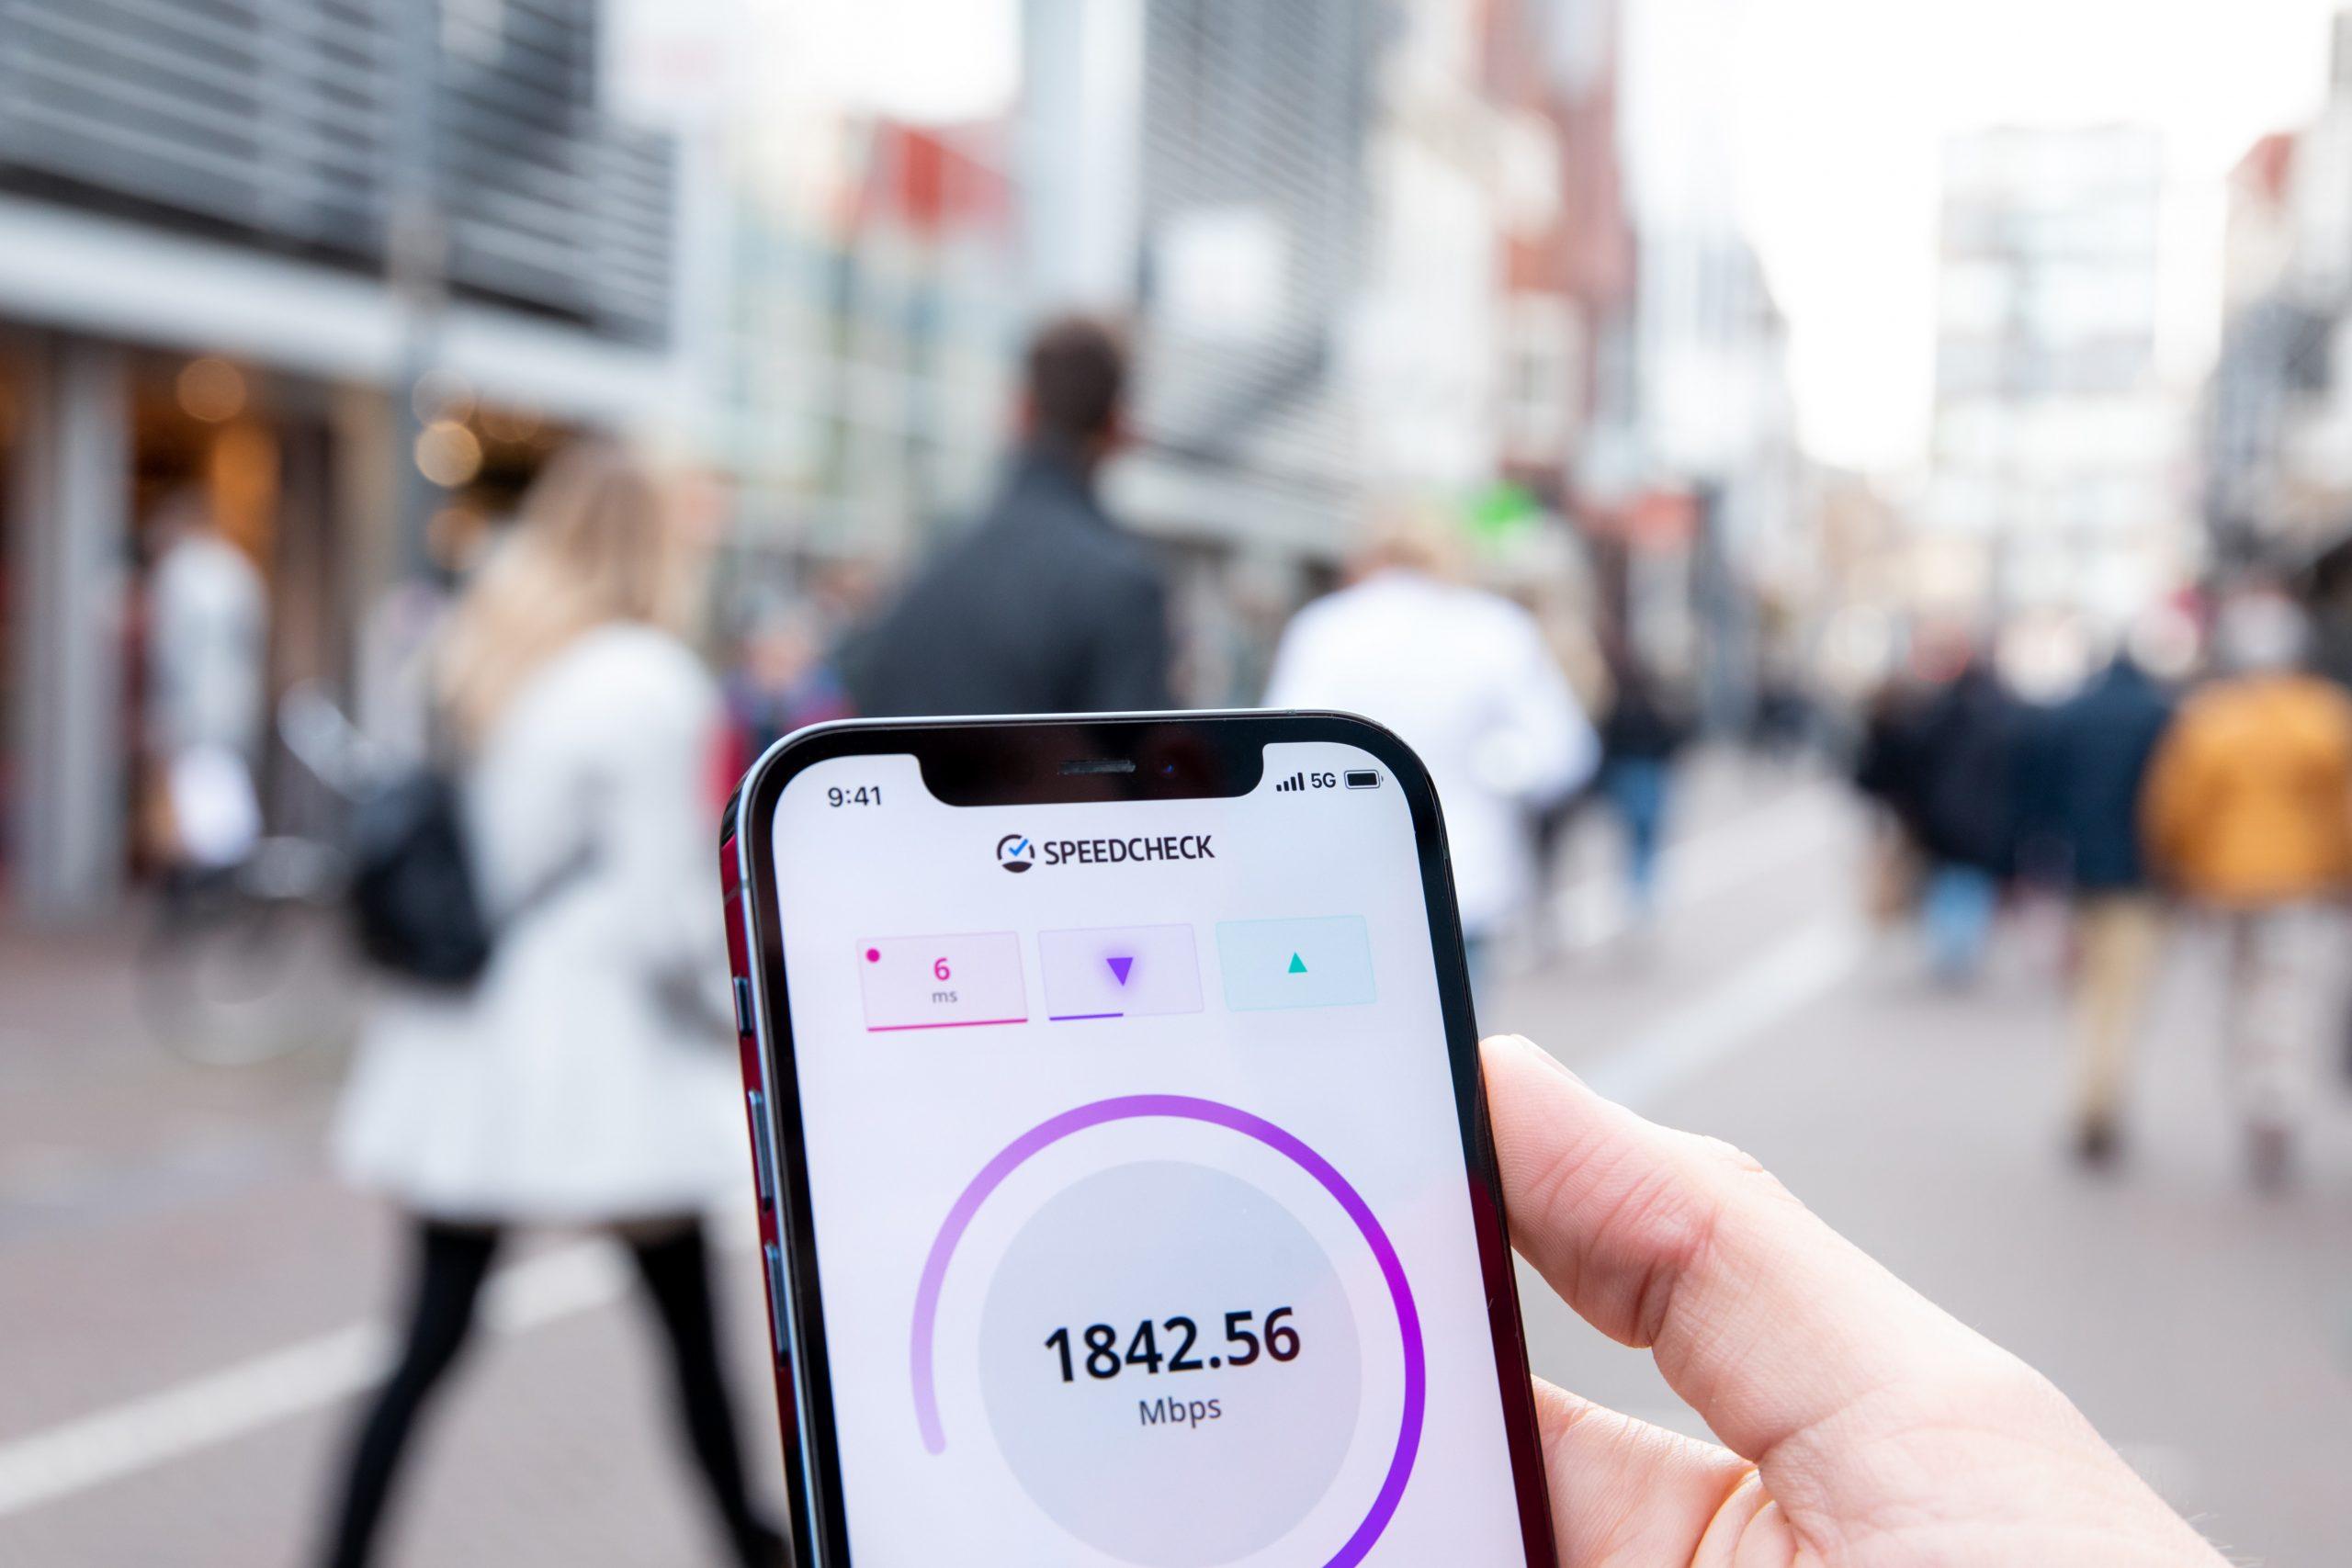 Imagem mostra uma pessoa segurando um celular que mostra o resultado de um teste de velocidade de conexão.